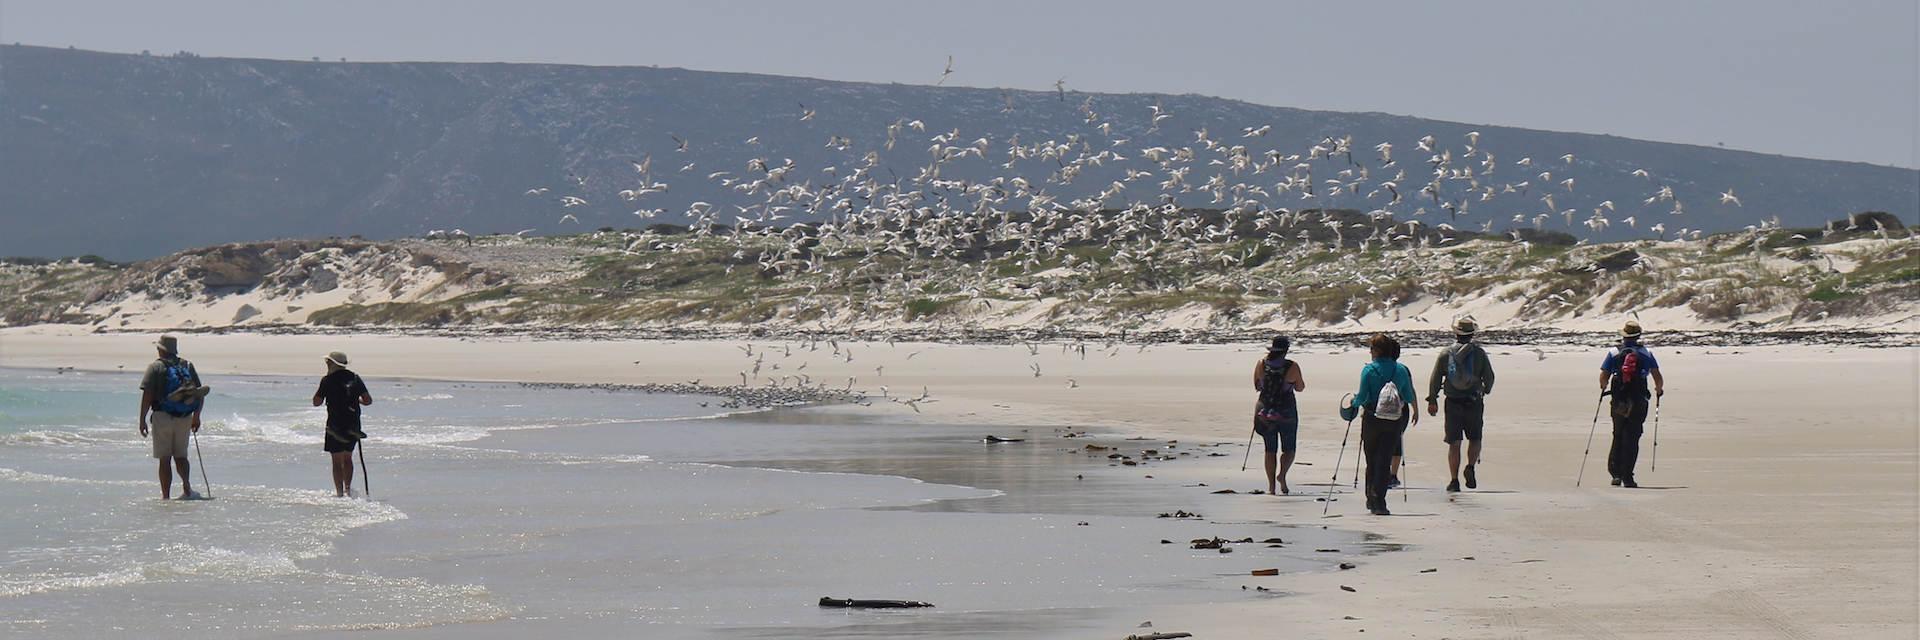 A 2 Beach Gulls 1920x640